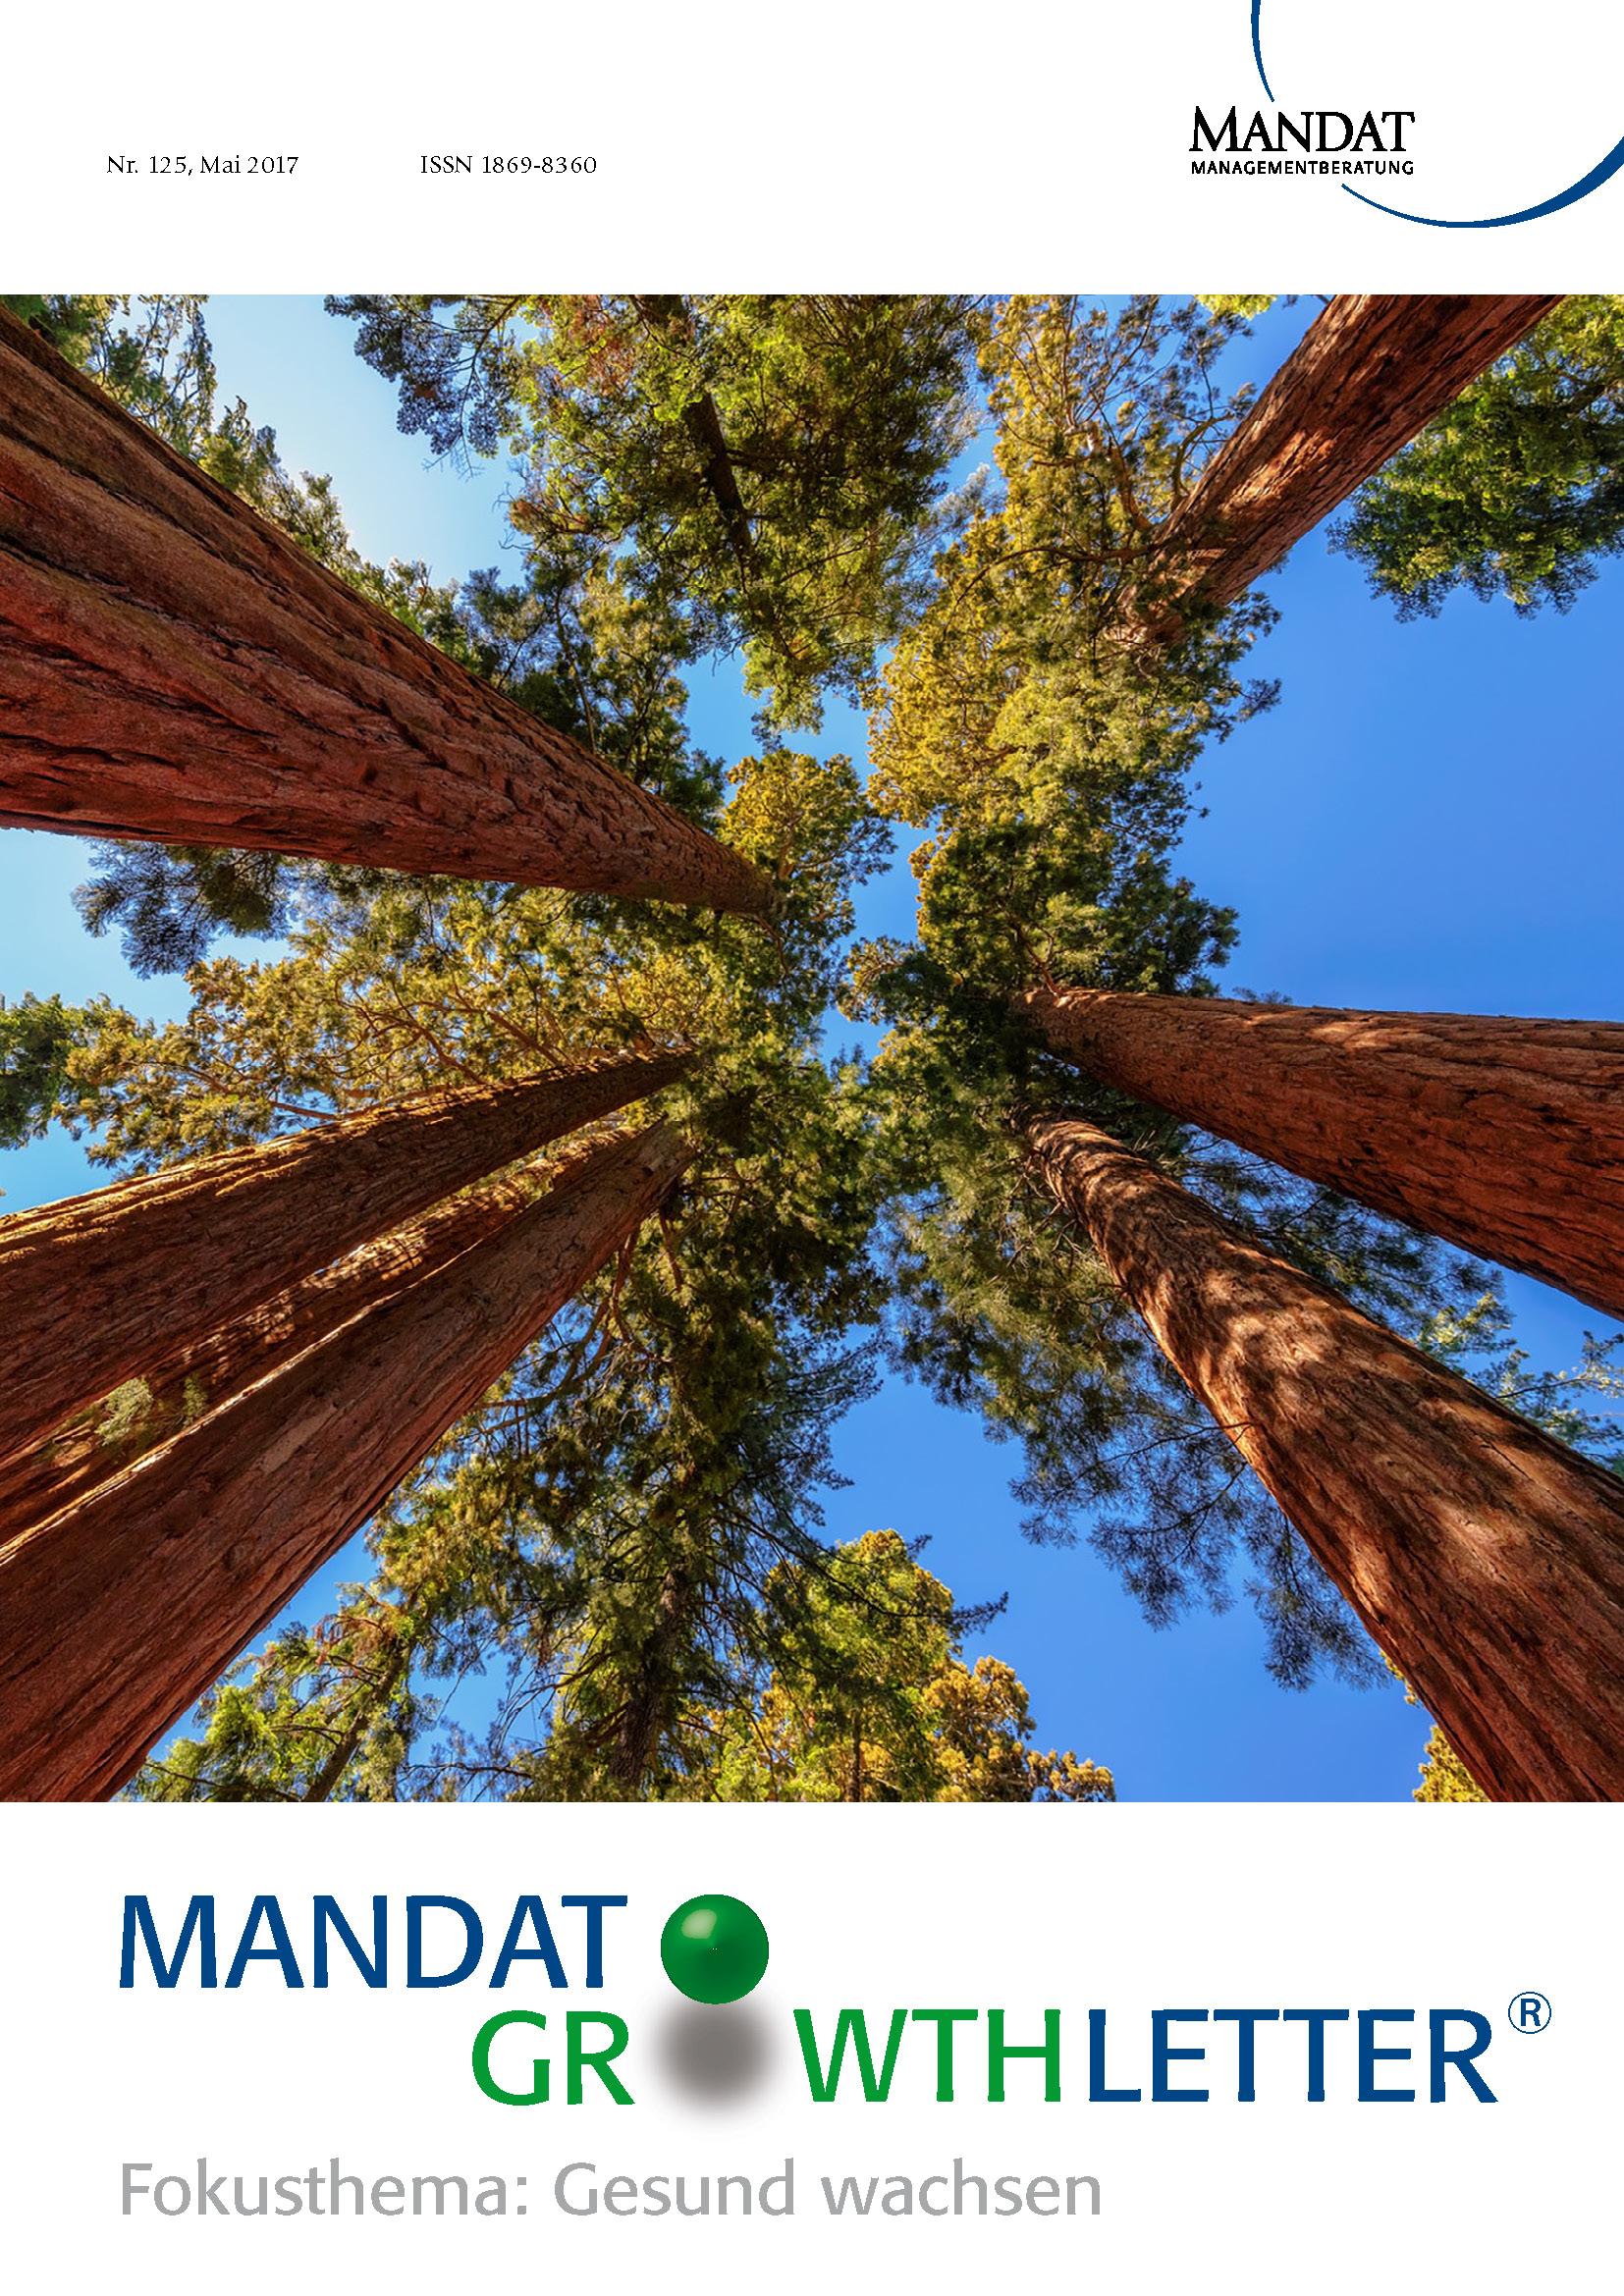 Mandat Growthletter®